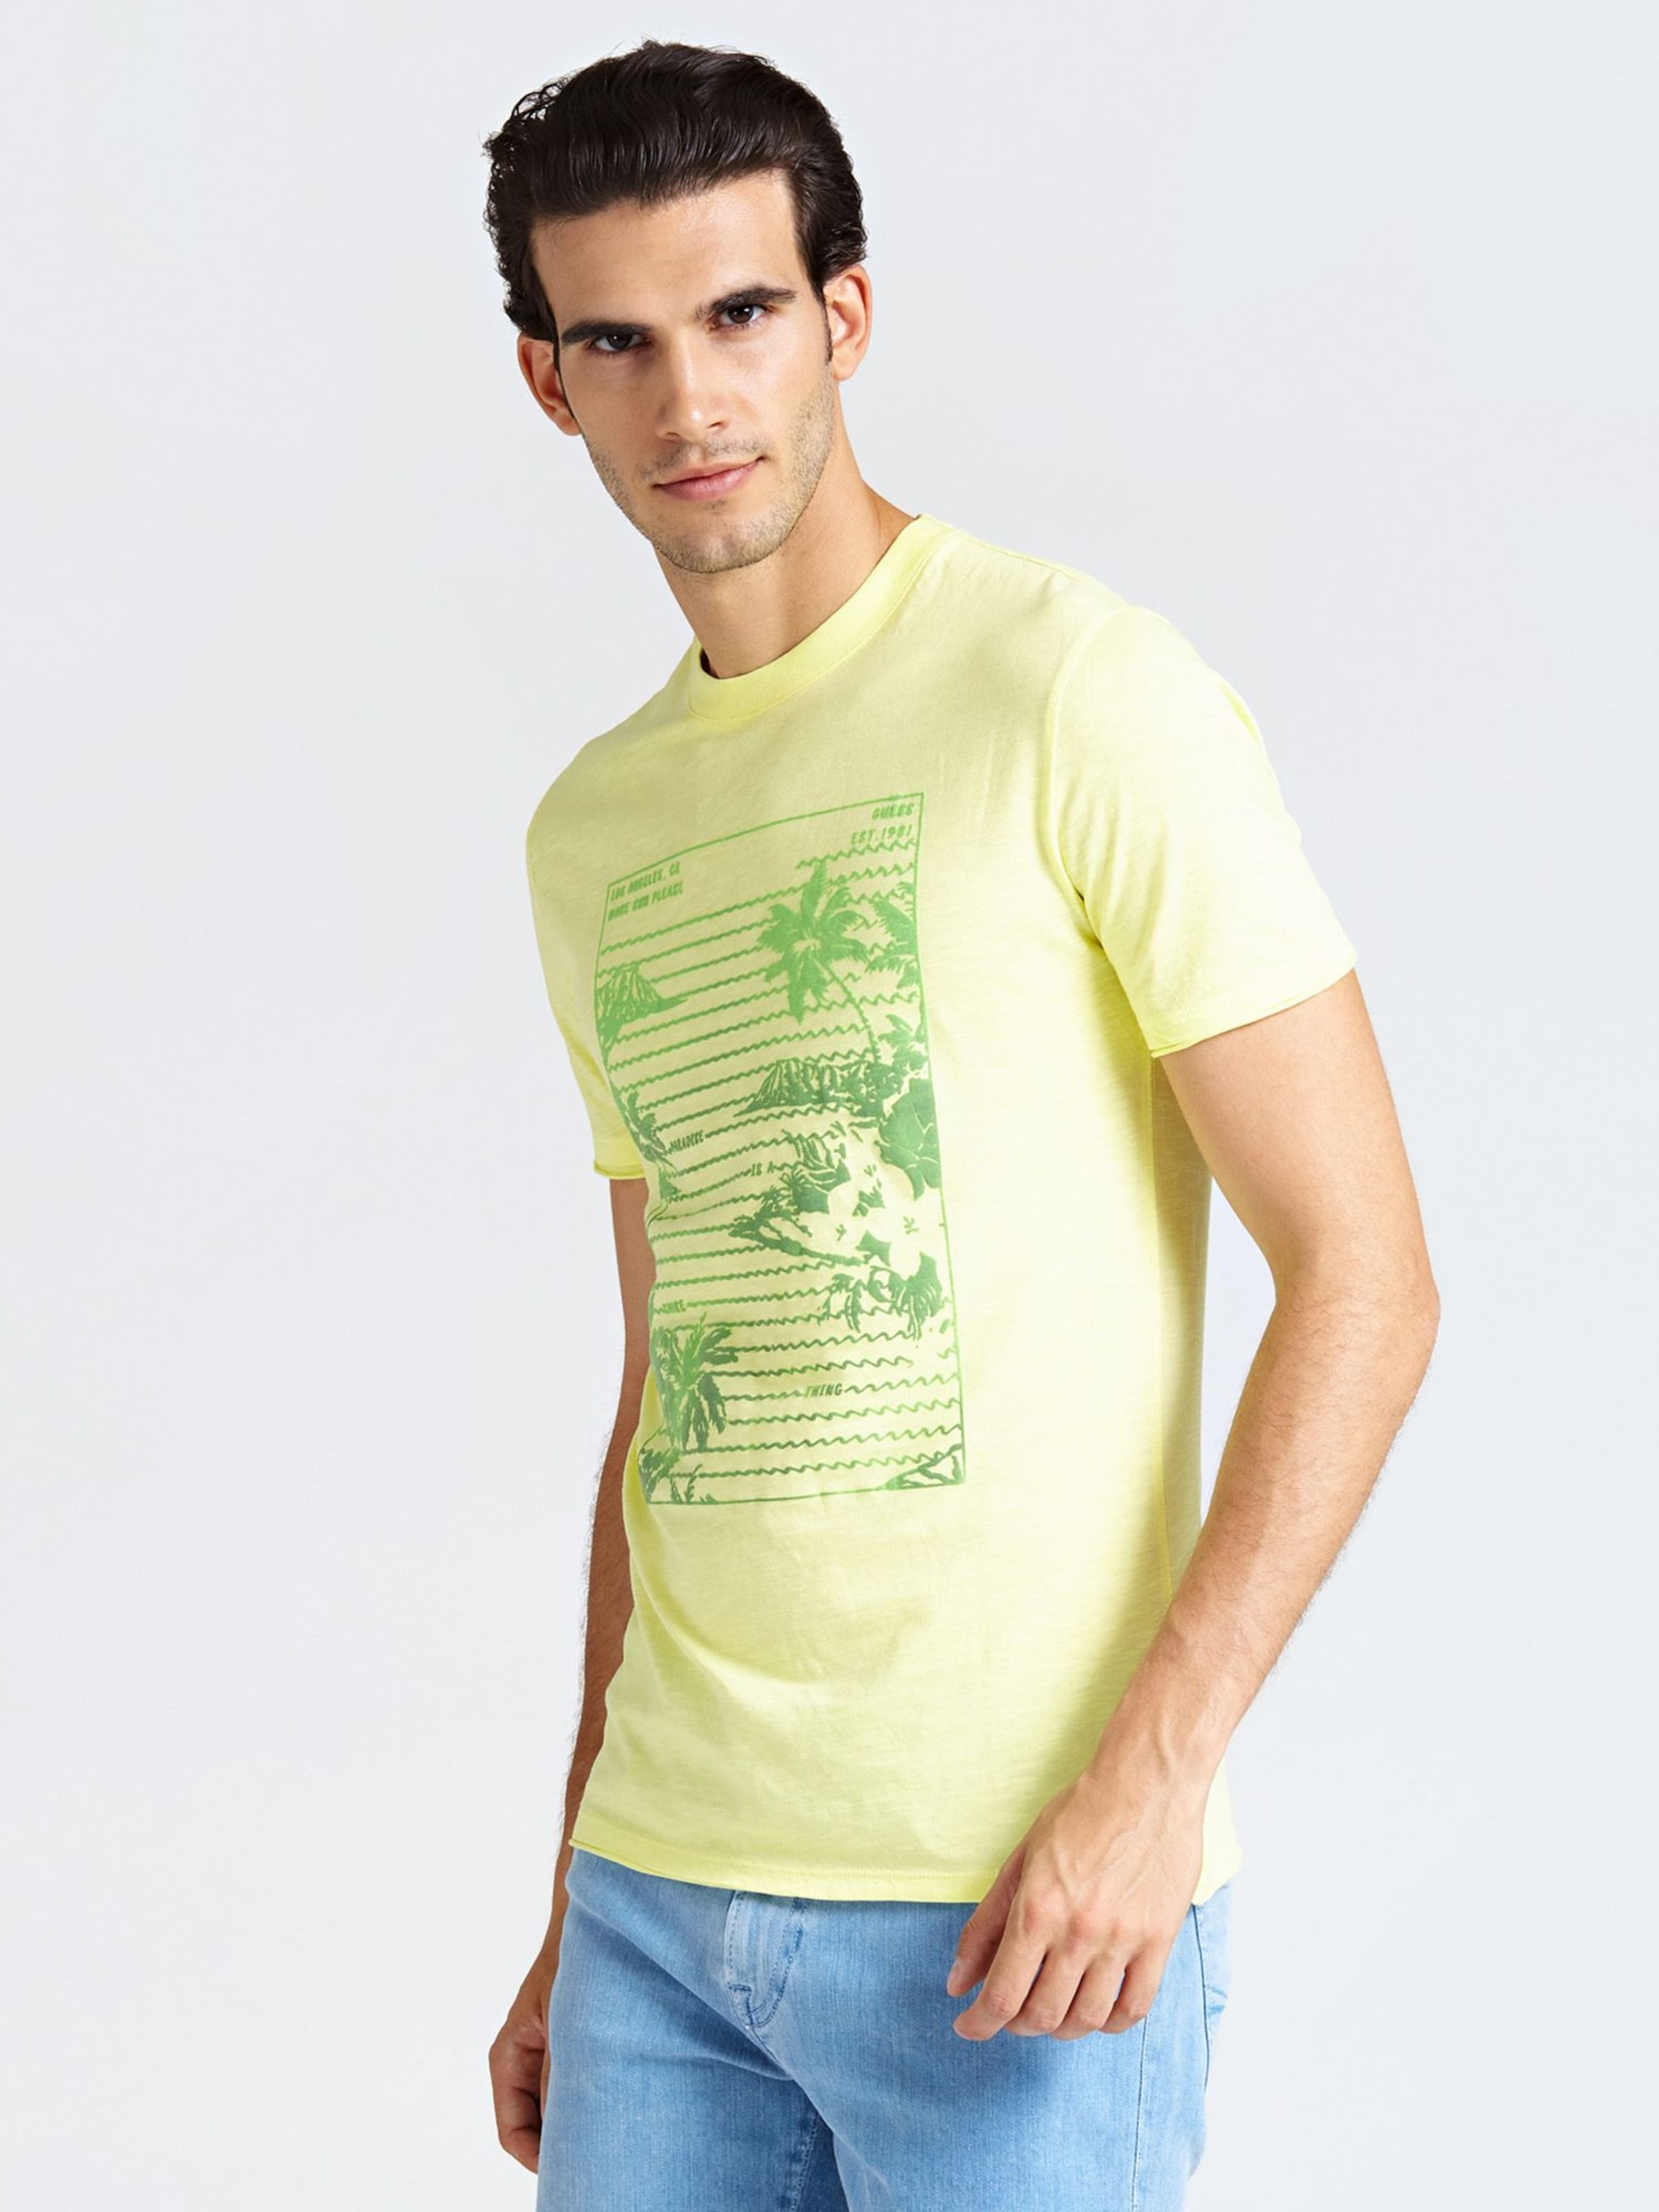 T GelbGrün shirt GelbGrün T Guess Guess In T shirt Guess shirt In rhQtdsCx